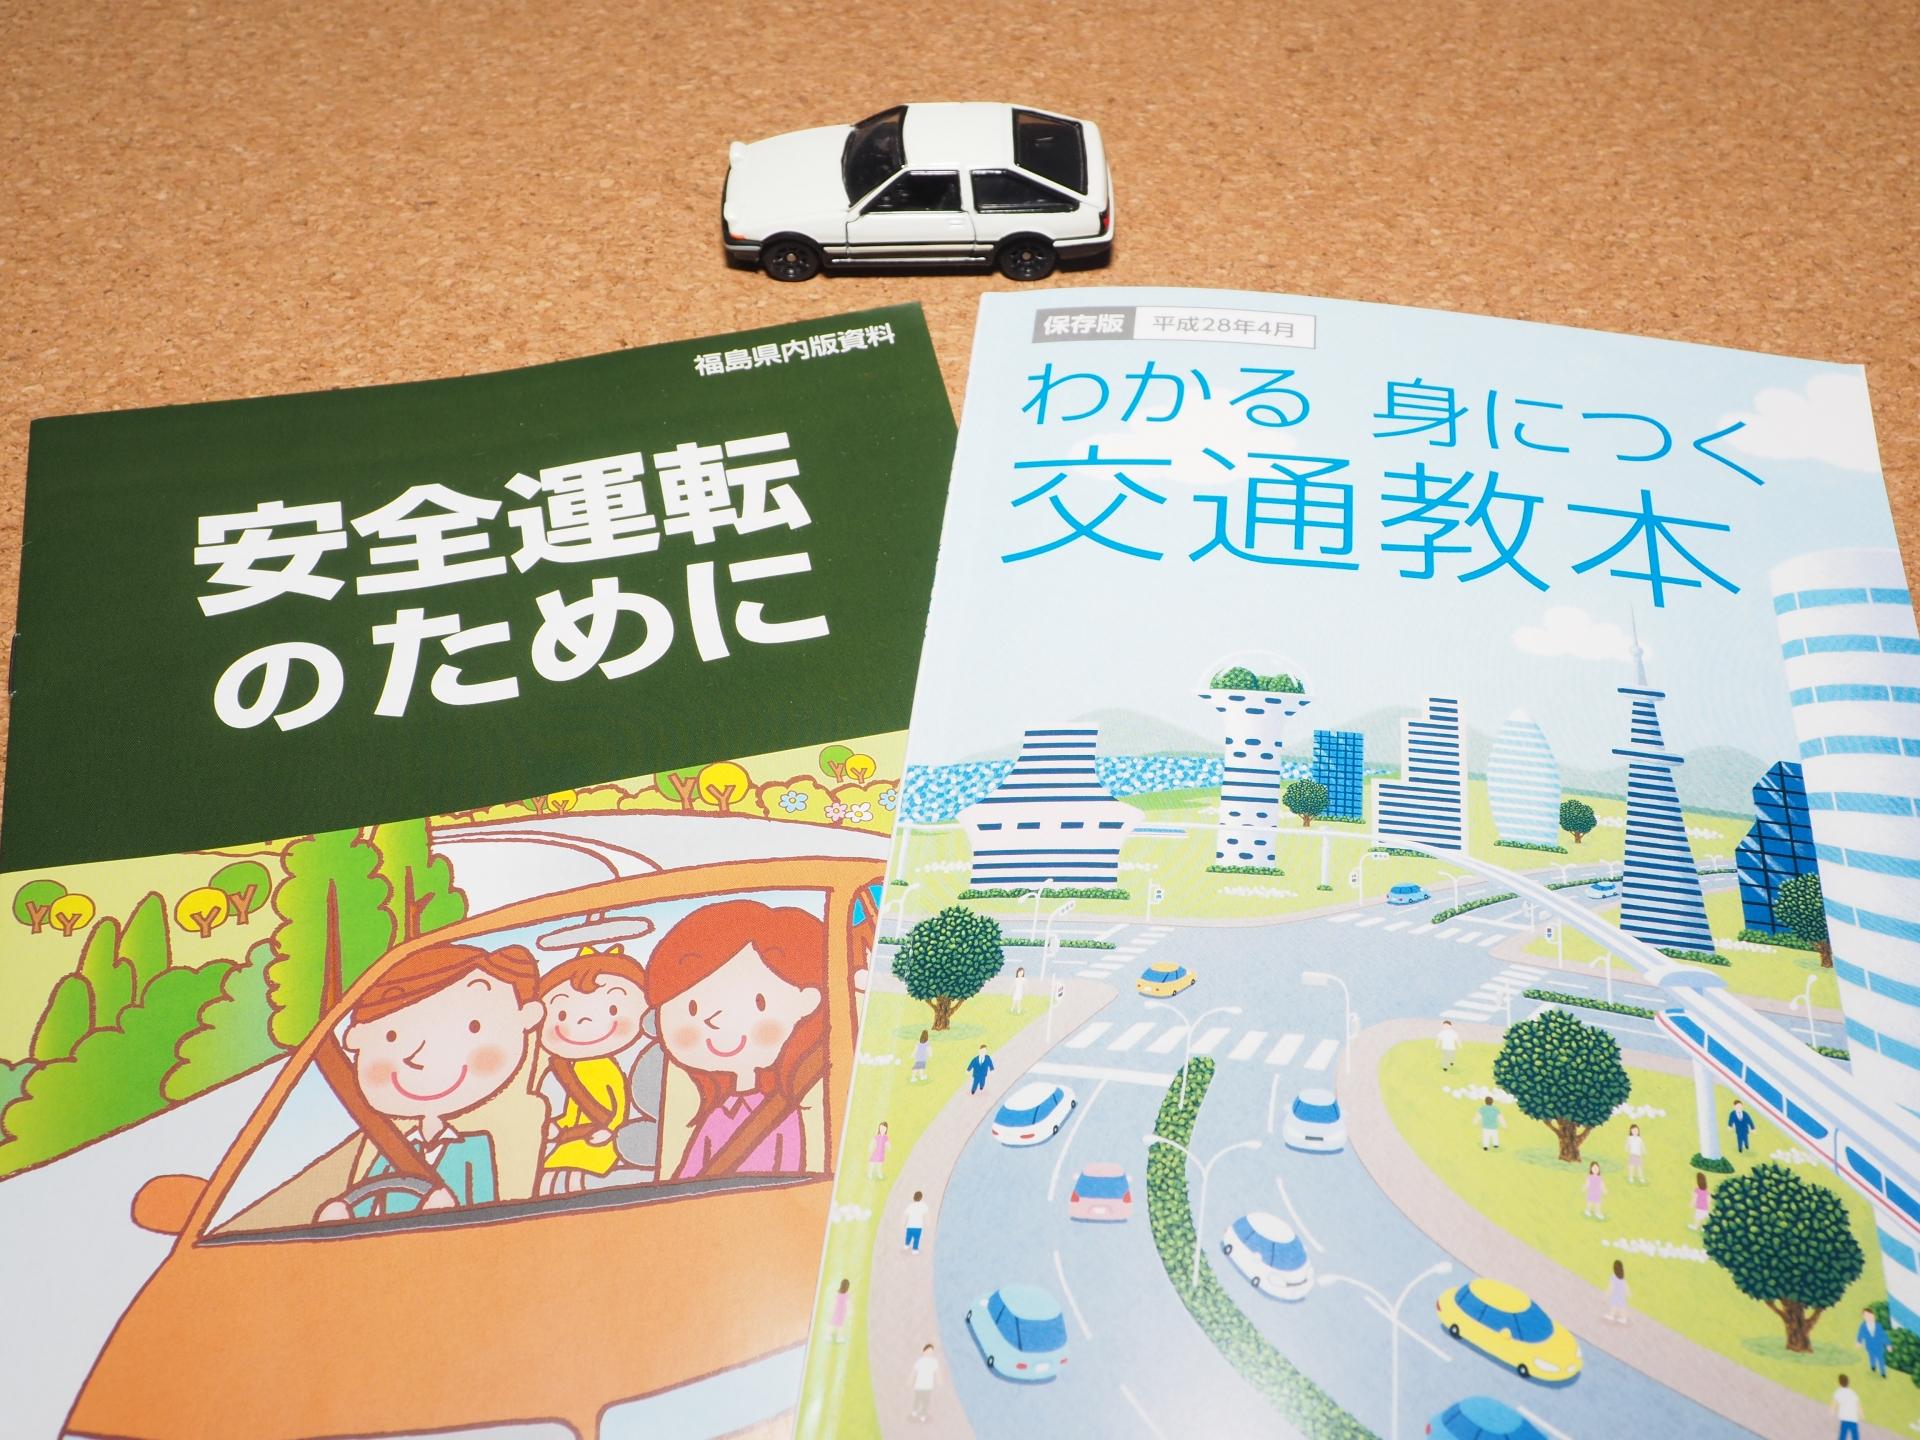 年中交通安全週間!運転免許証の色の違いを分かりやすくまとめてみたよ!